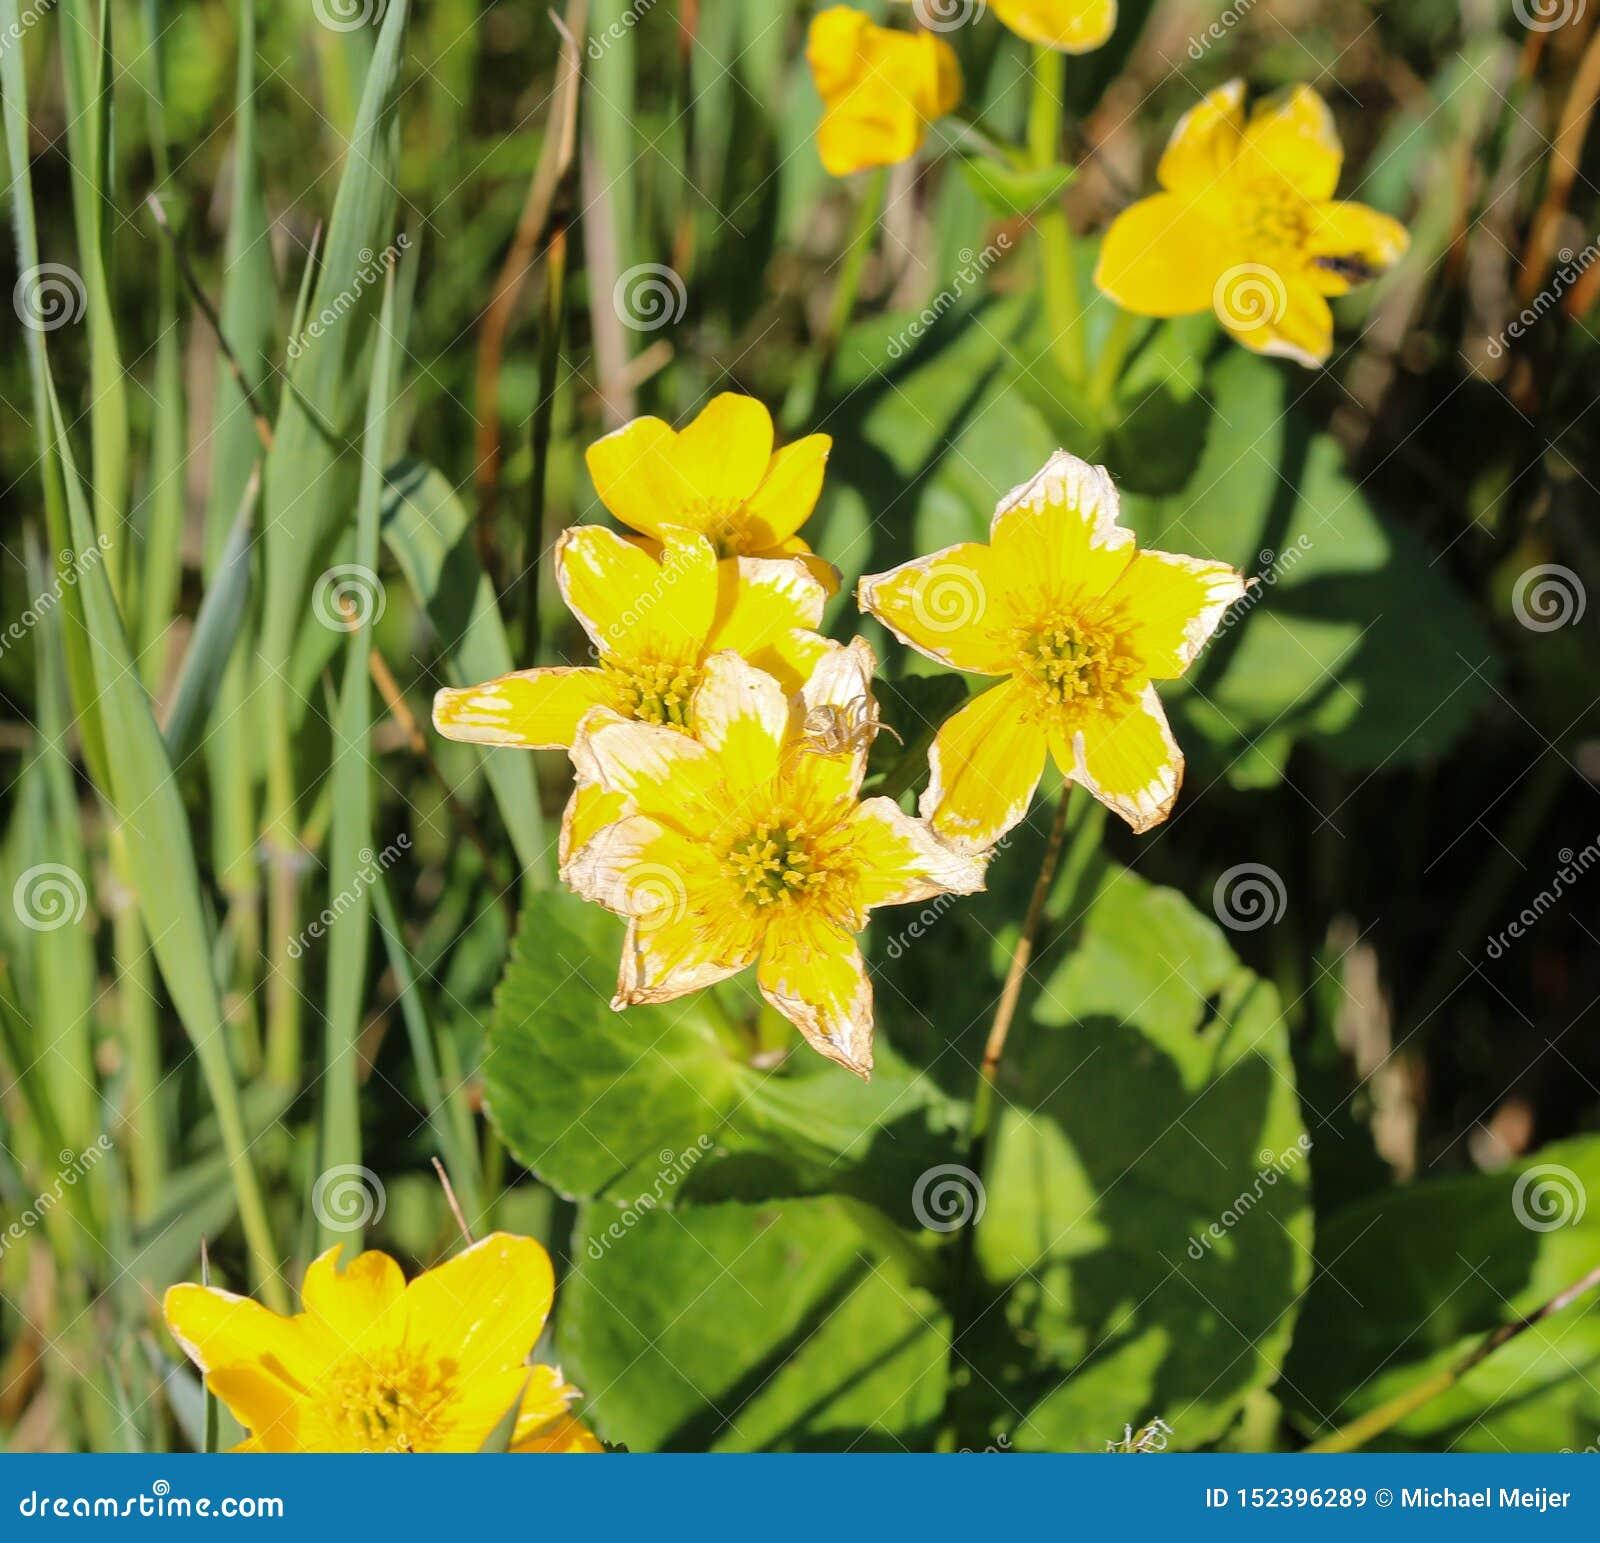 Bagno nagietek lub kingcup (Caltha palustris